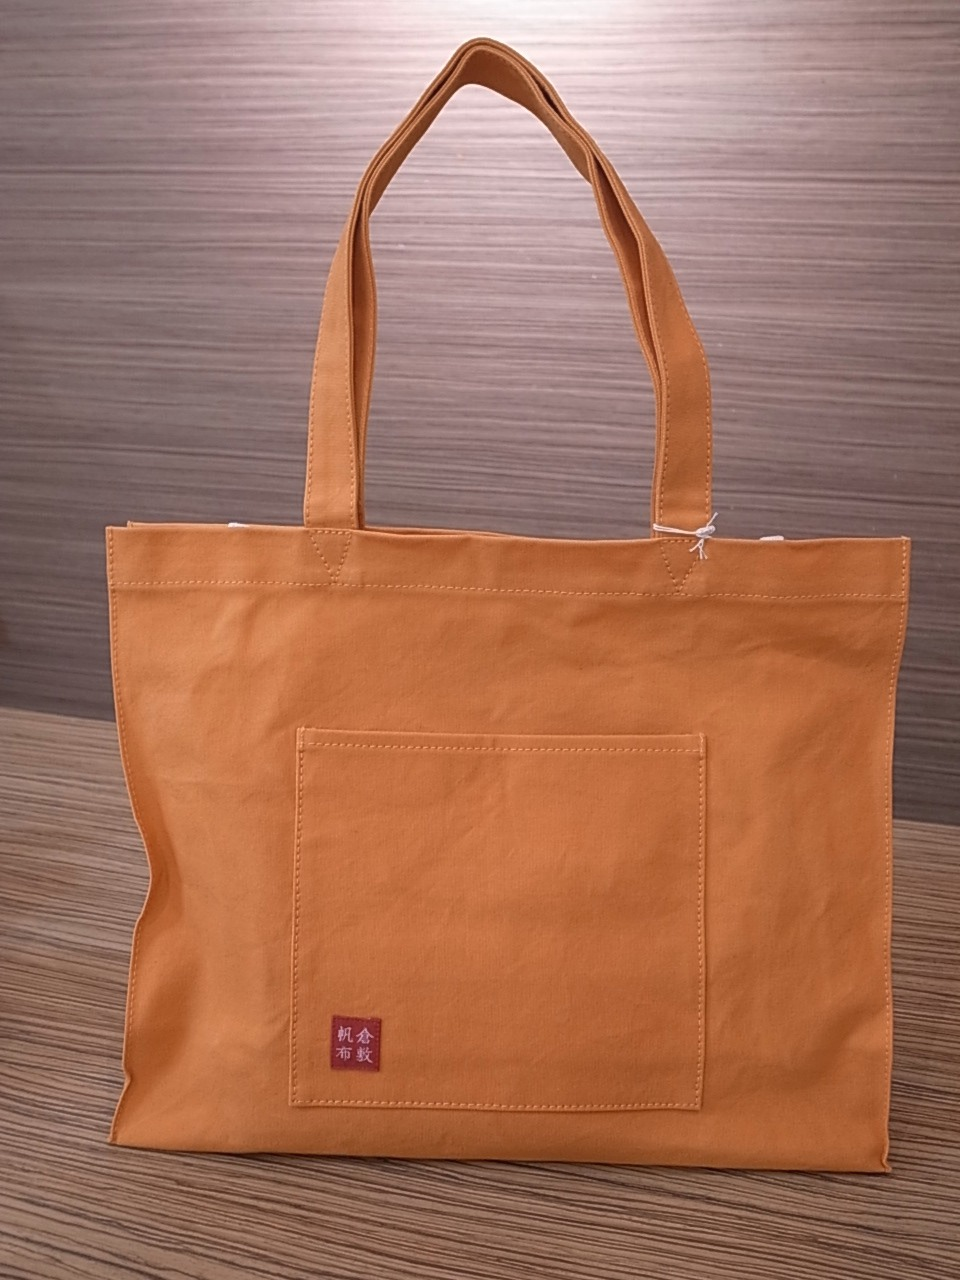 倉敷帆布のバッグ_f0207748_19135244.jpg